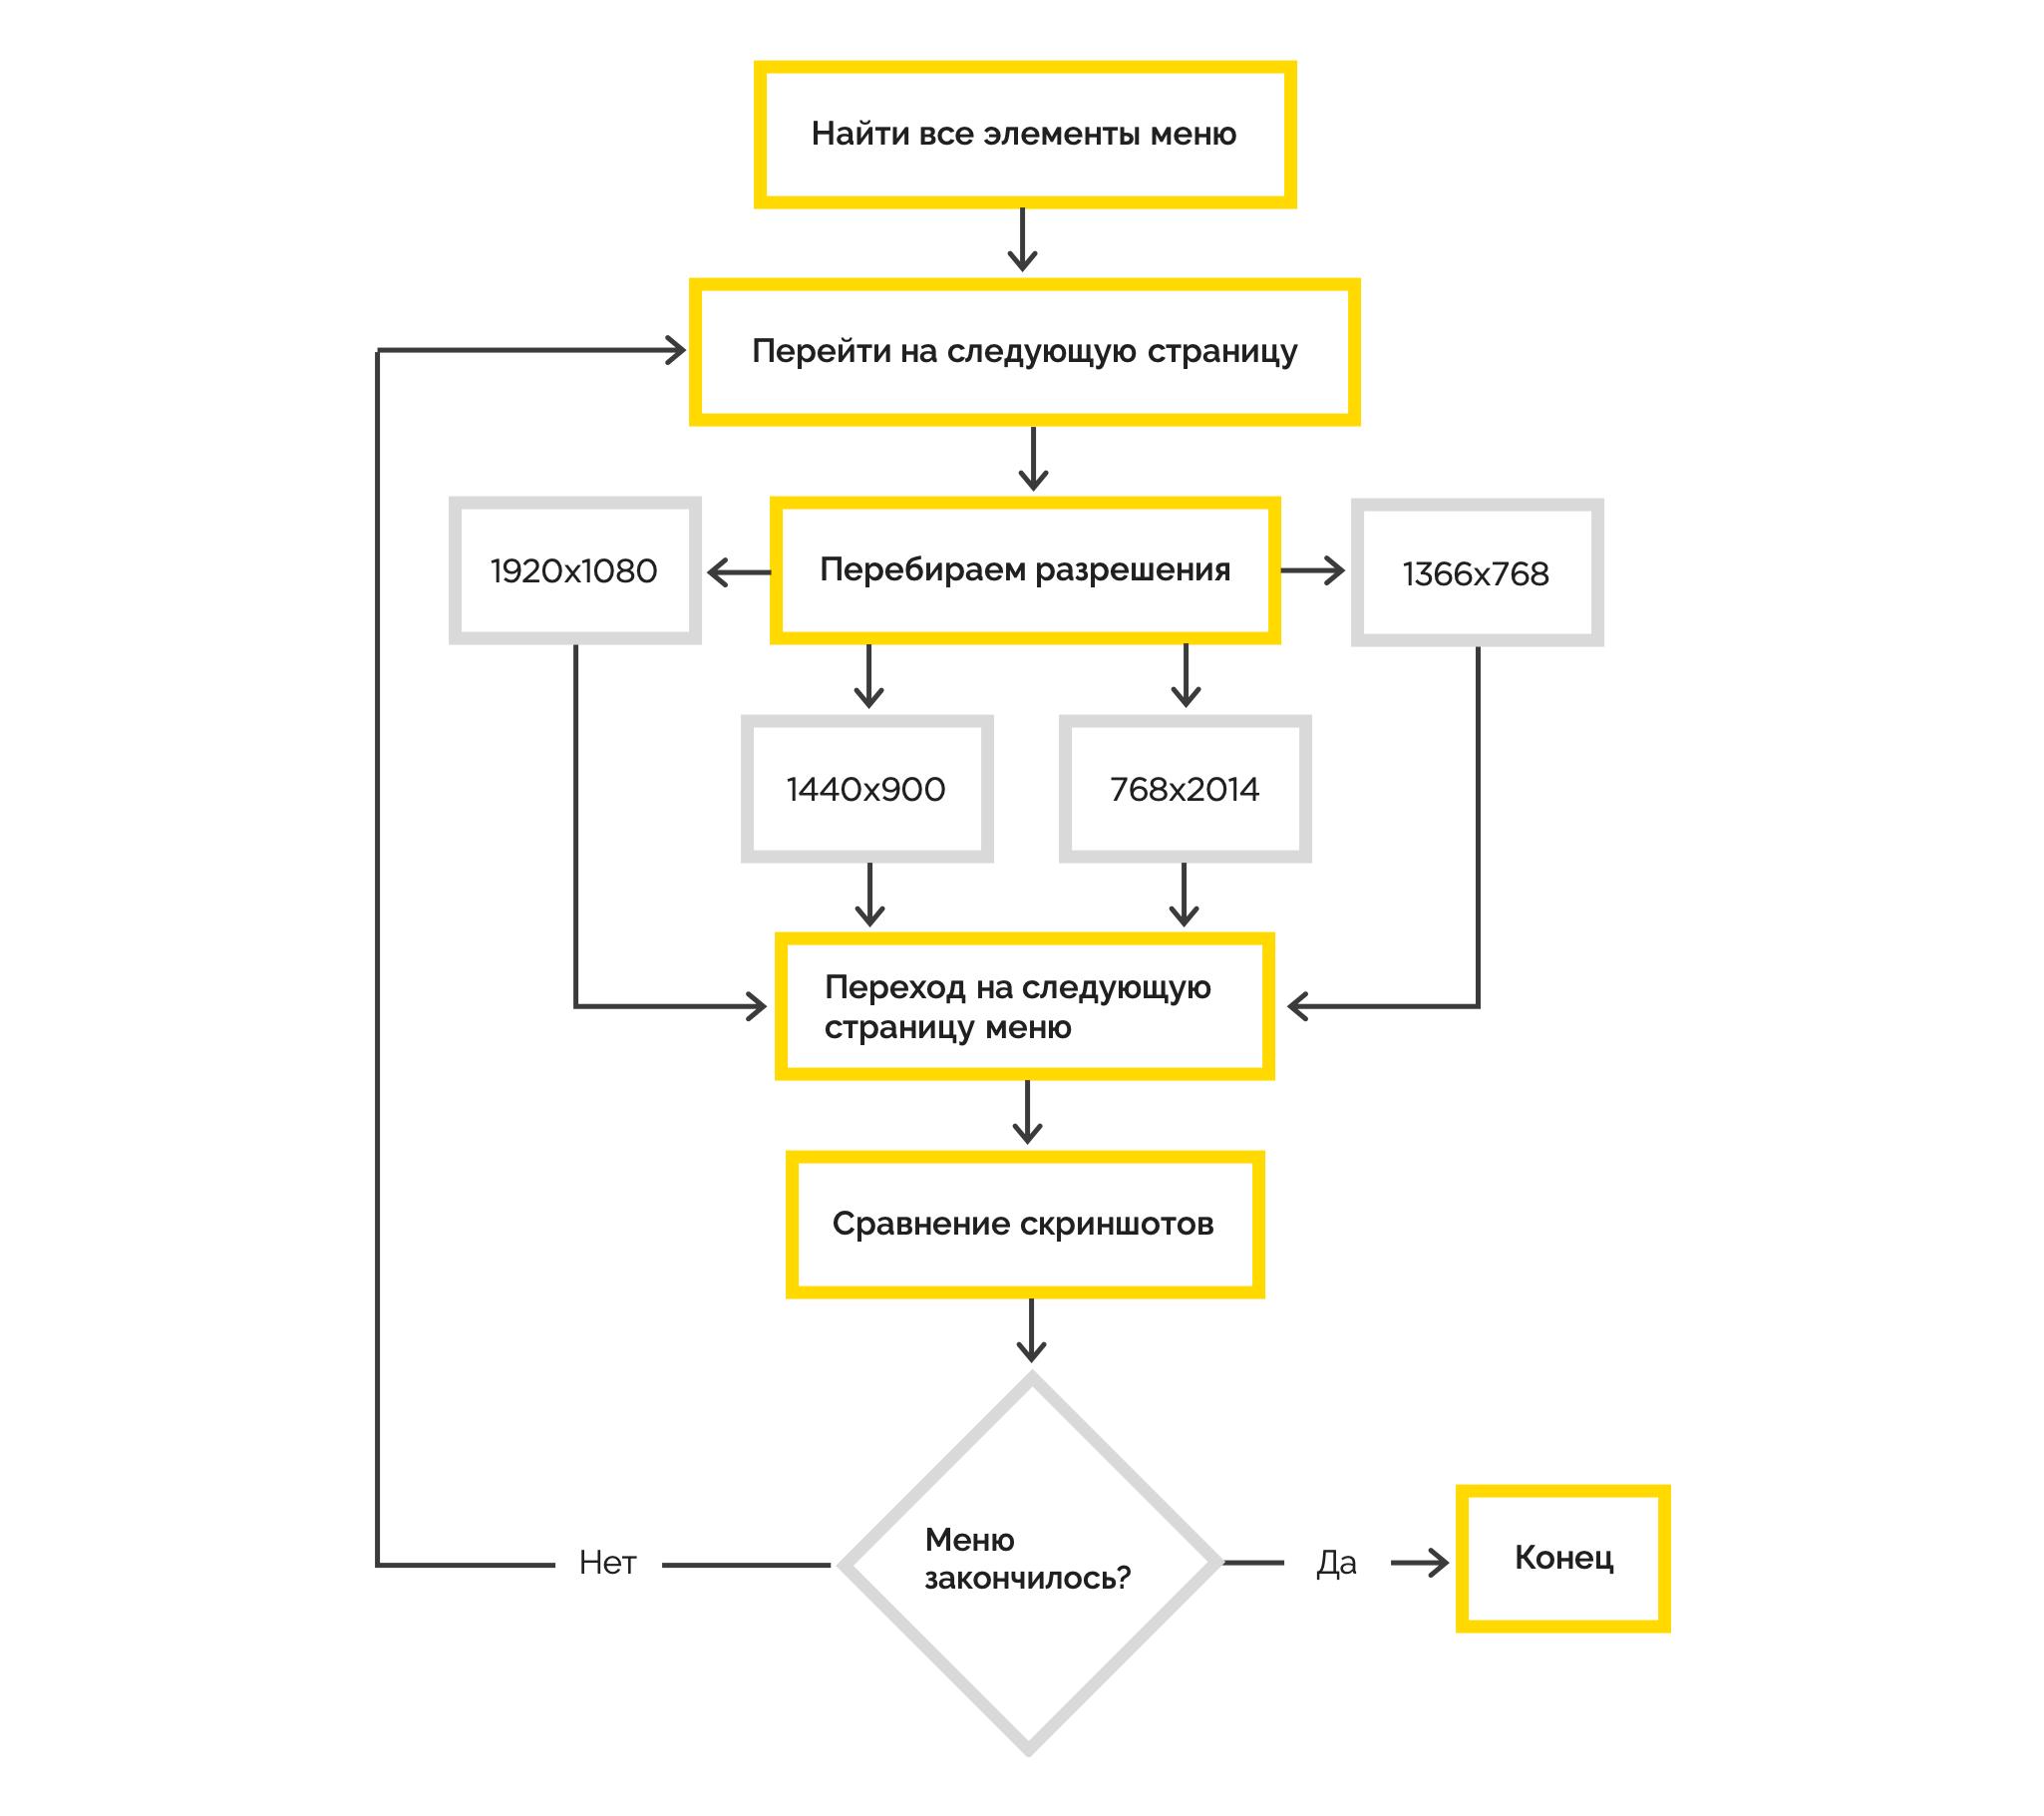 UI-тестирование: проверка системы на разных разрешениях - 12